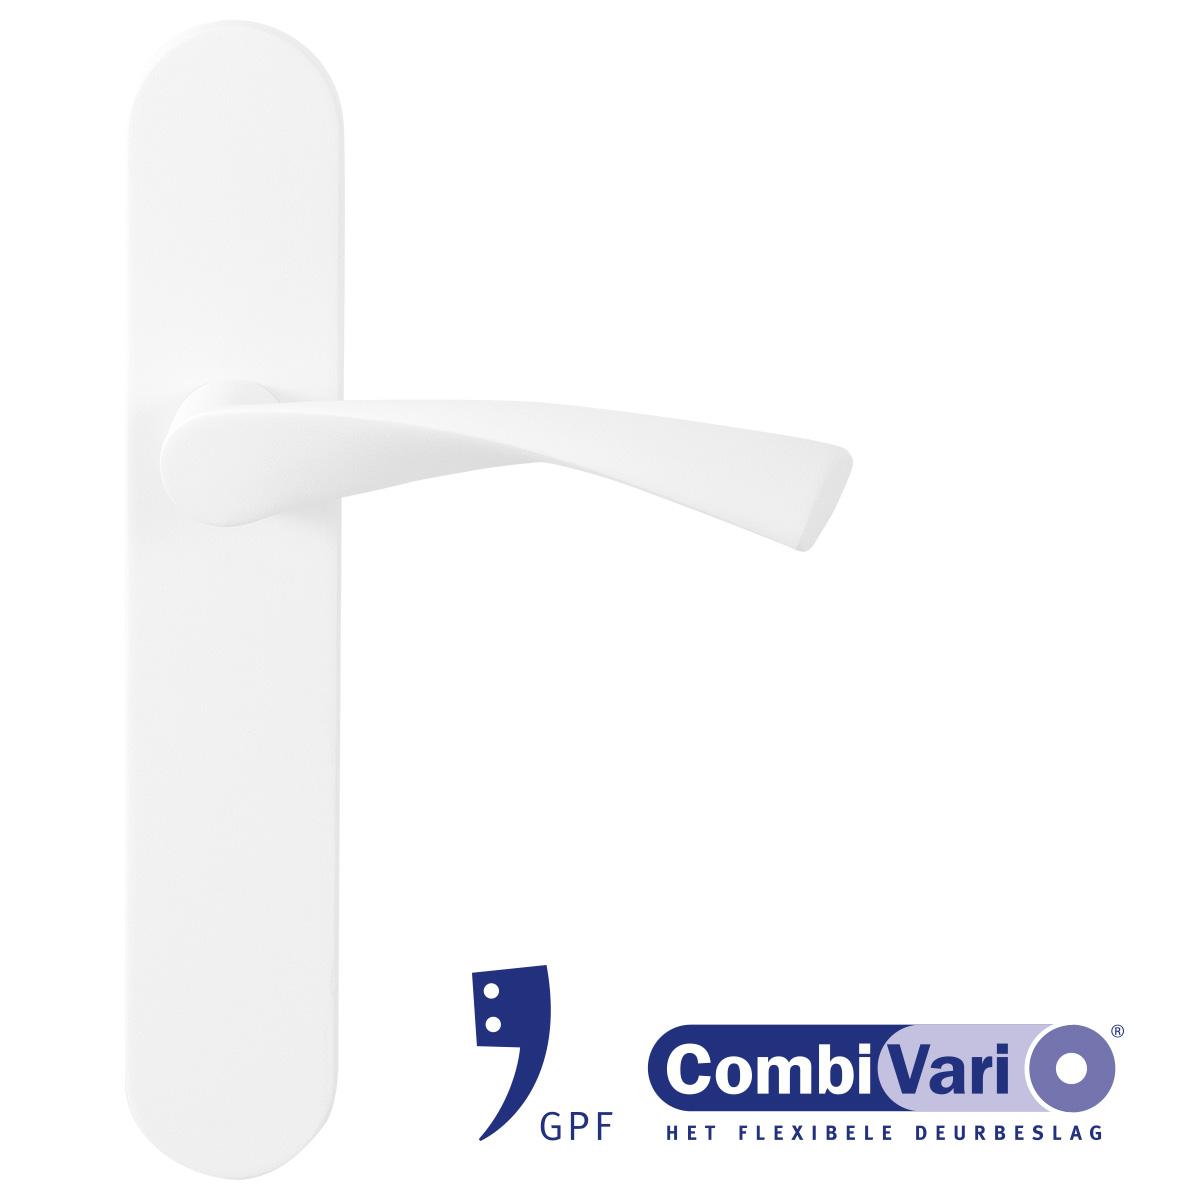 GPF Combivari witte deurkruk op schild